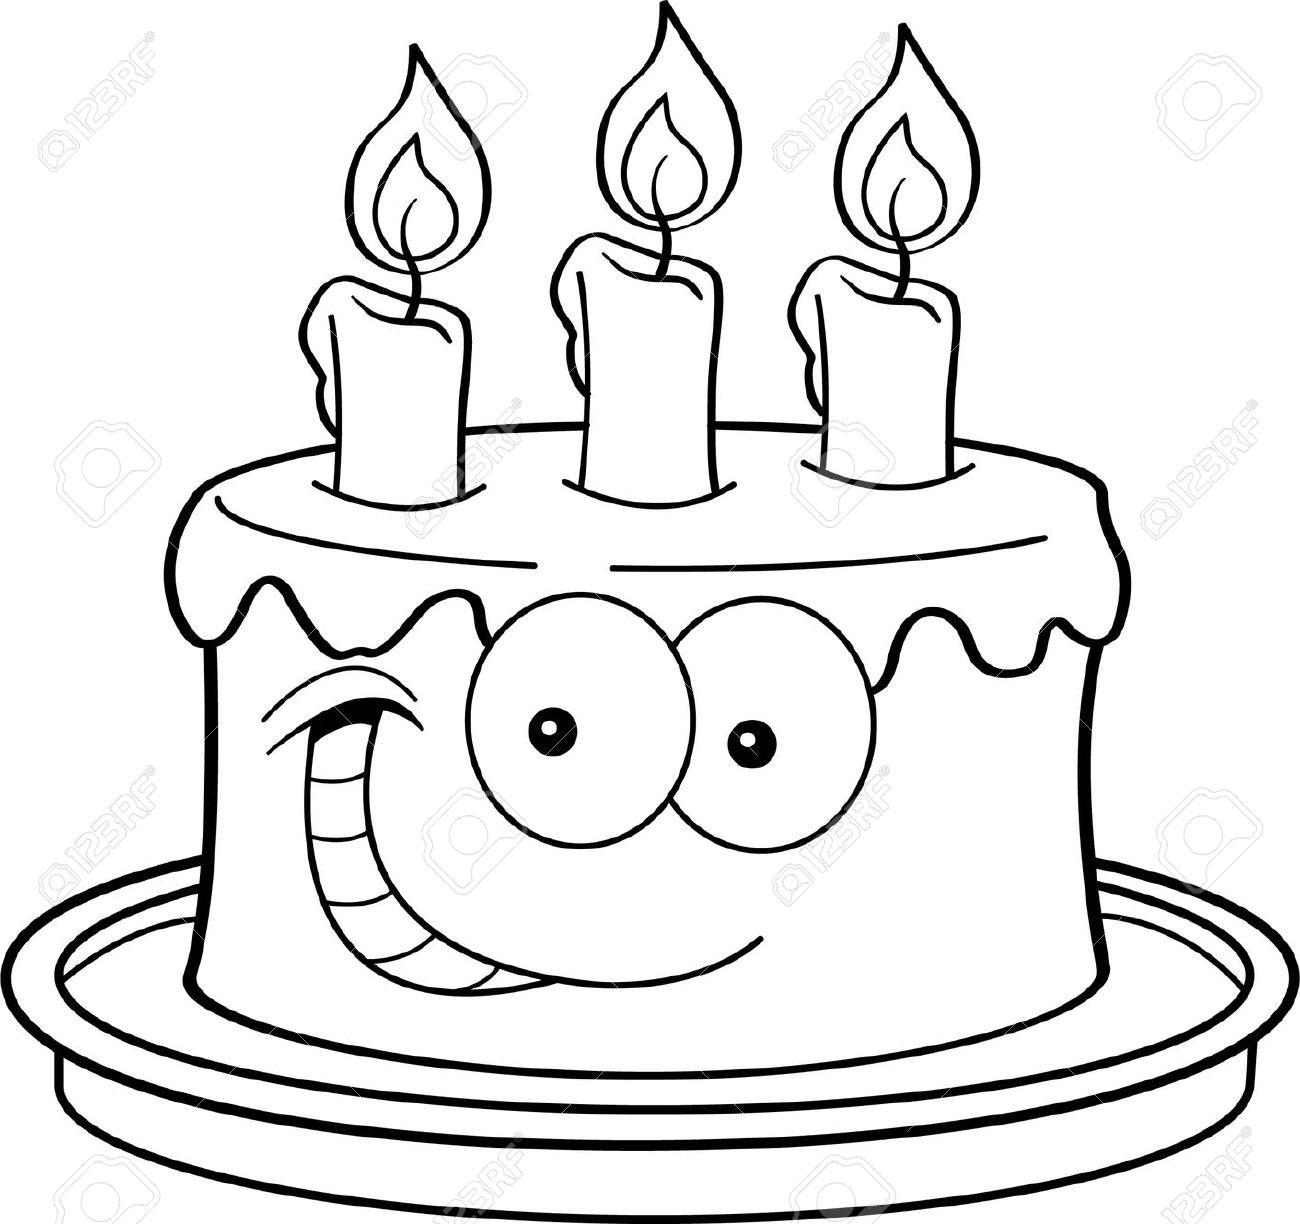 Einladung clipart schwarz wei png transparent Kuchen clipart schwarz weiß - ClipartFest png transparent